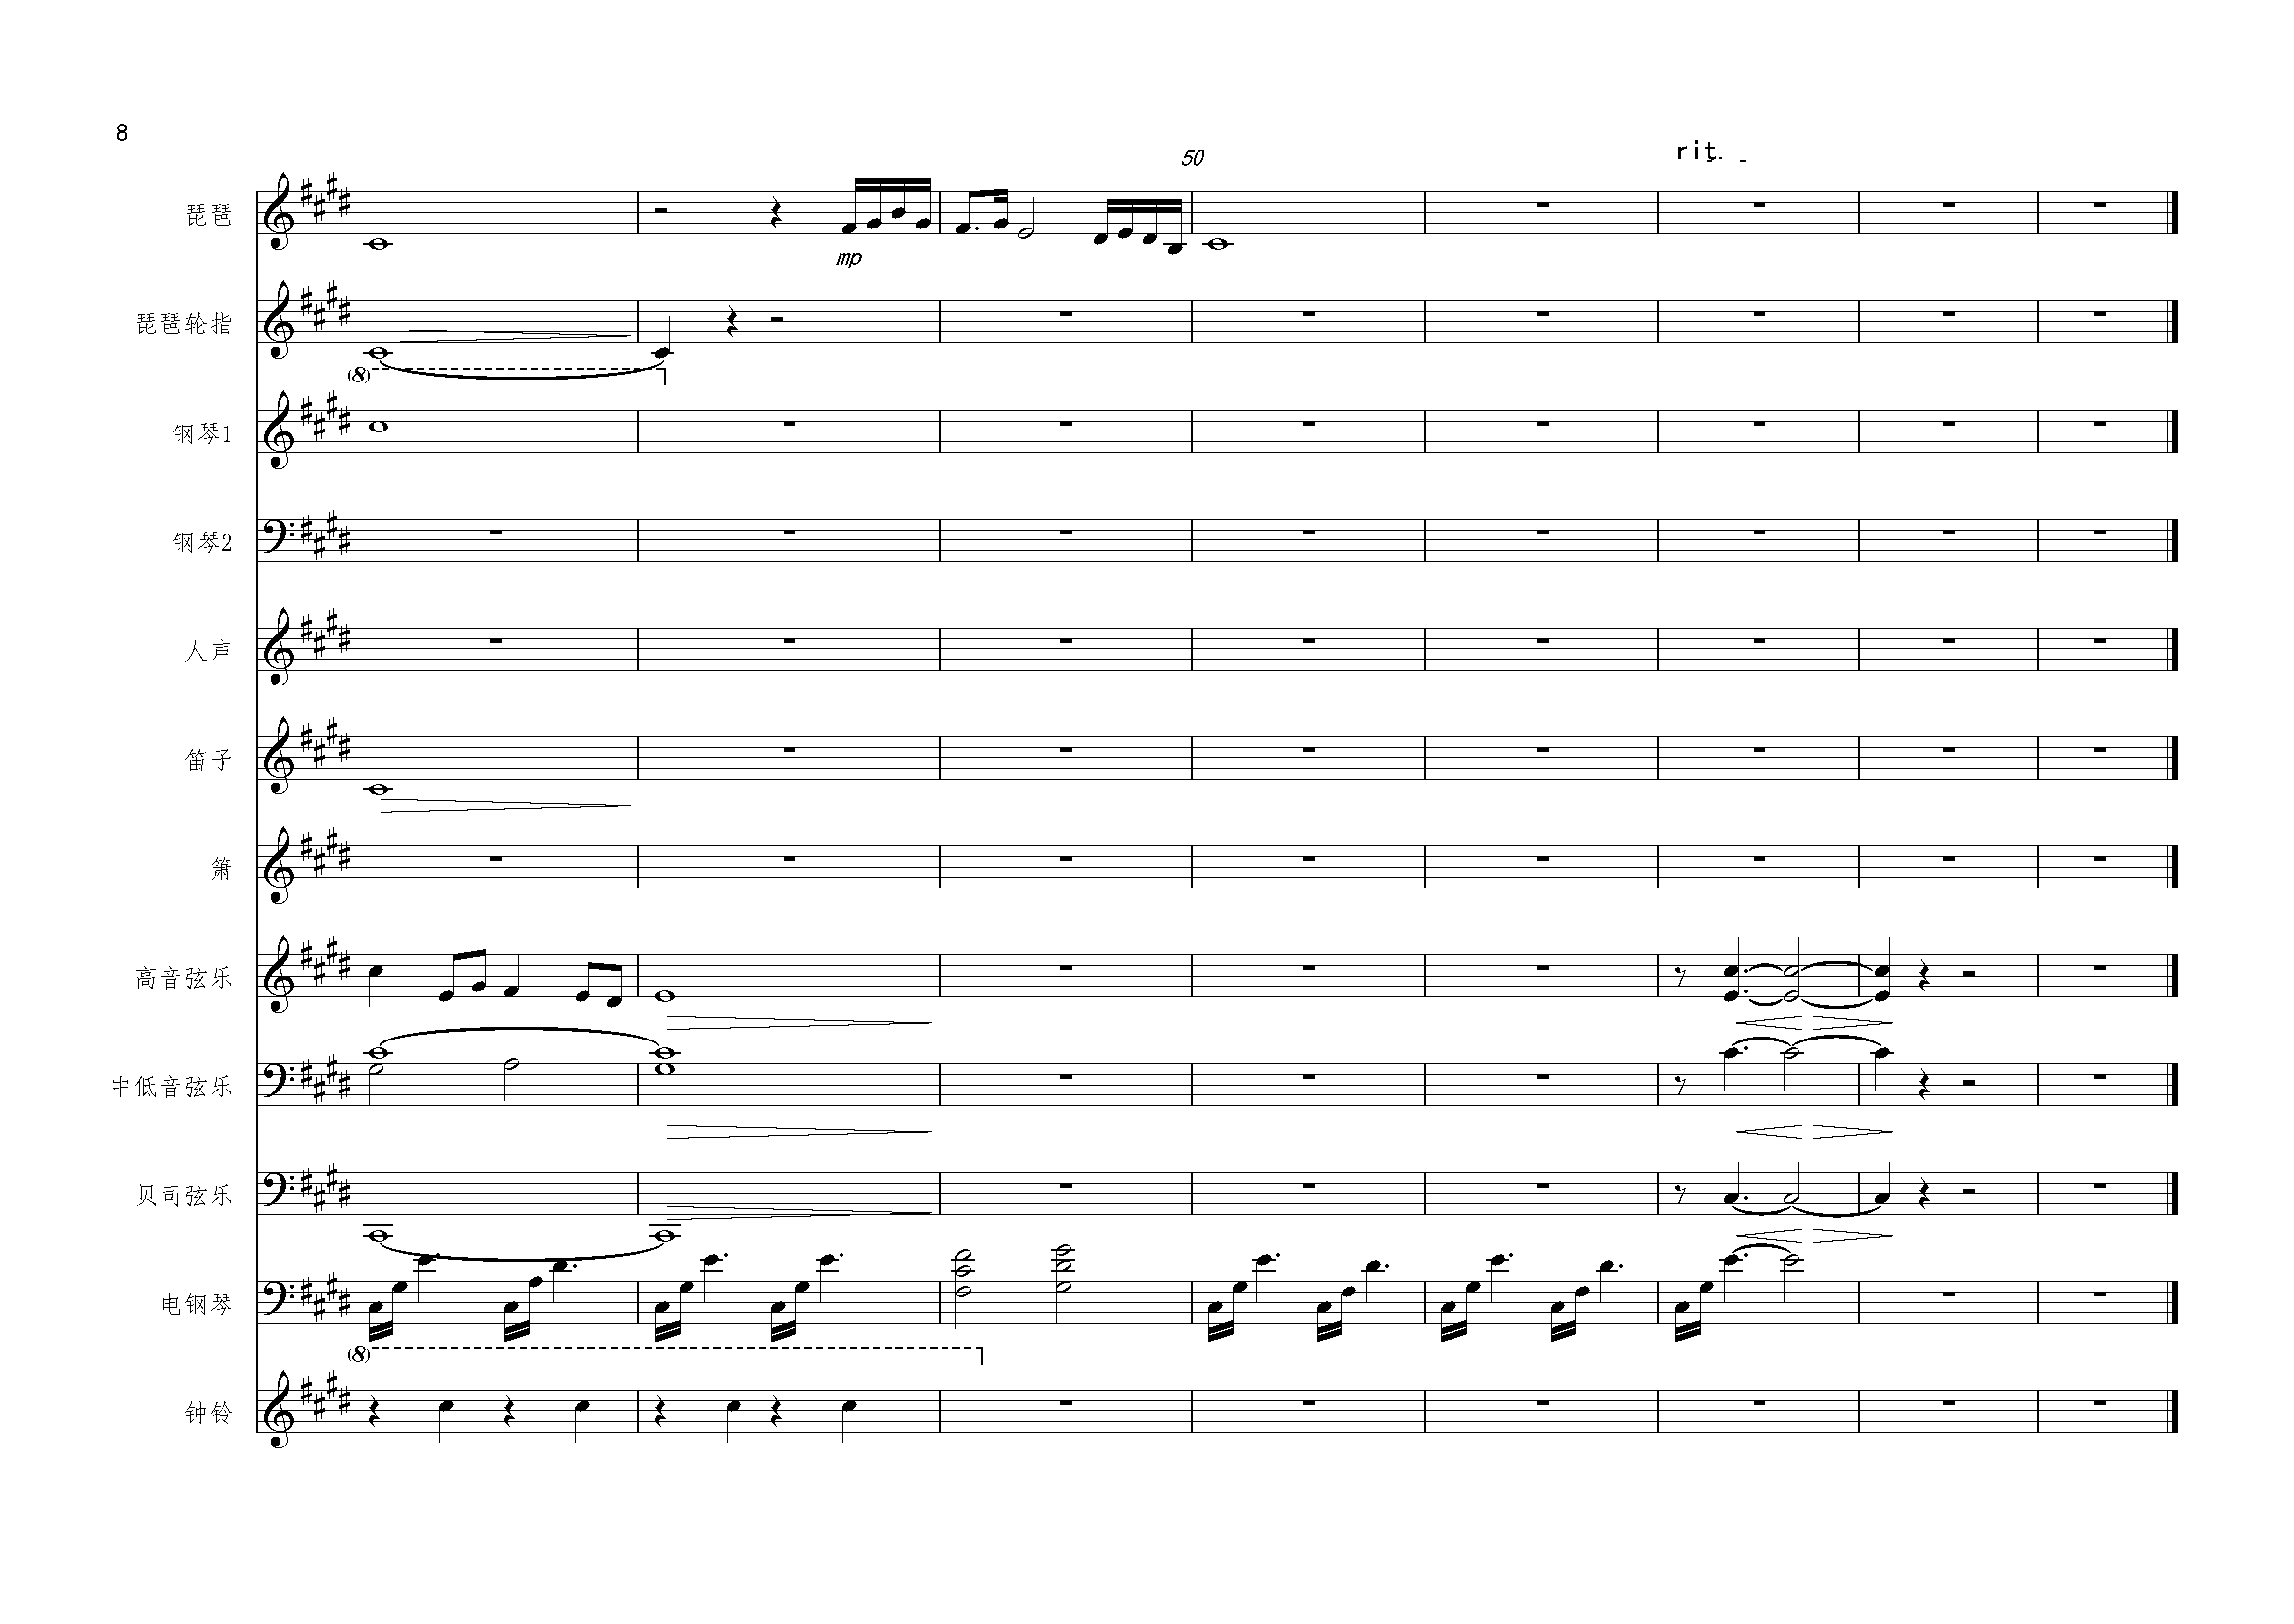 琵琶语钢琴谱 第8页